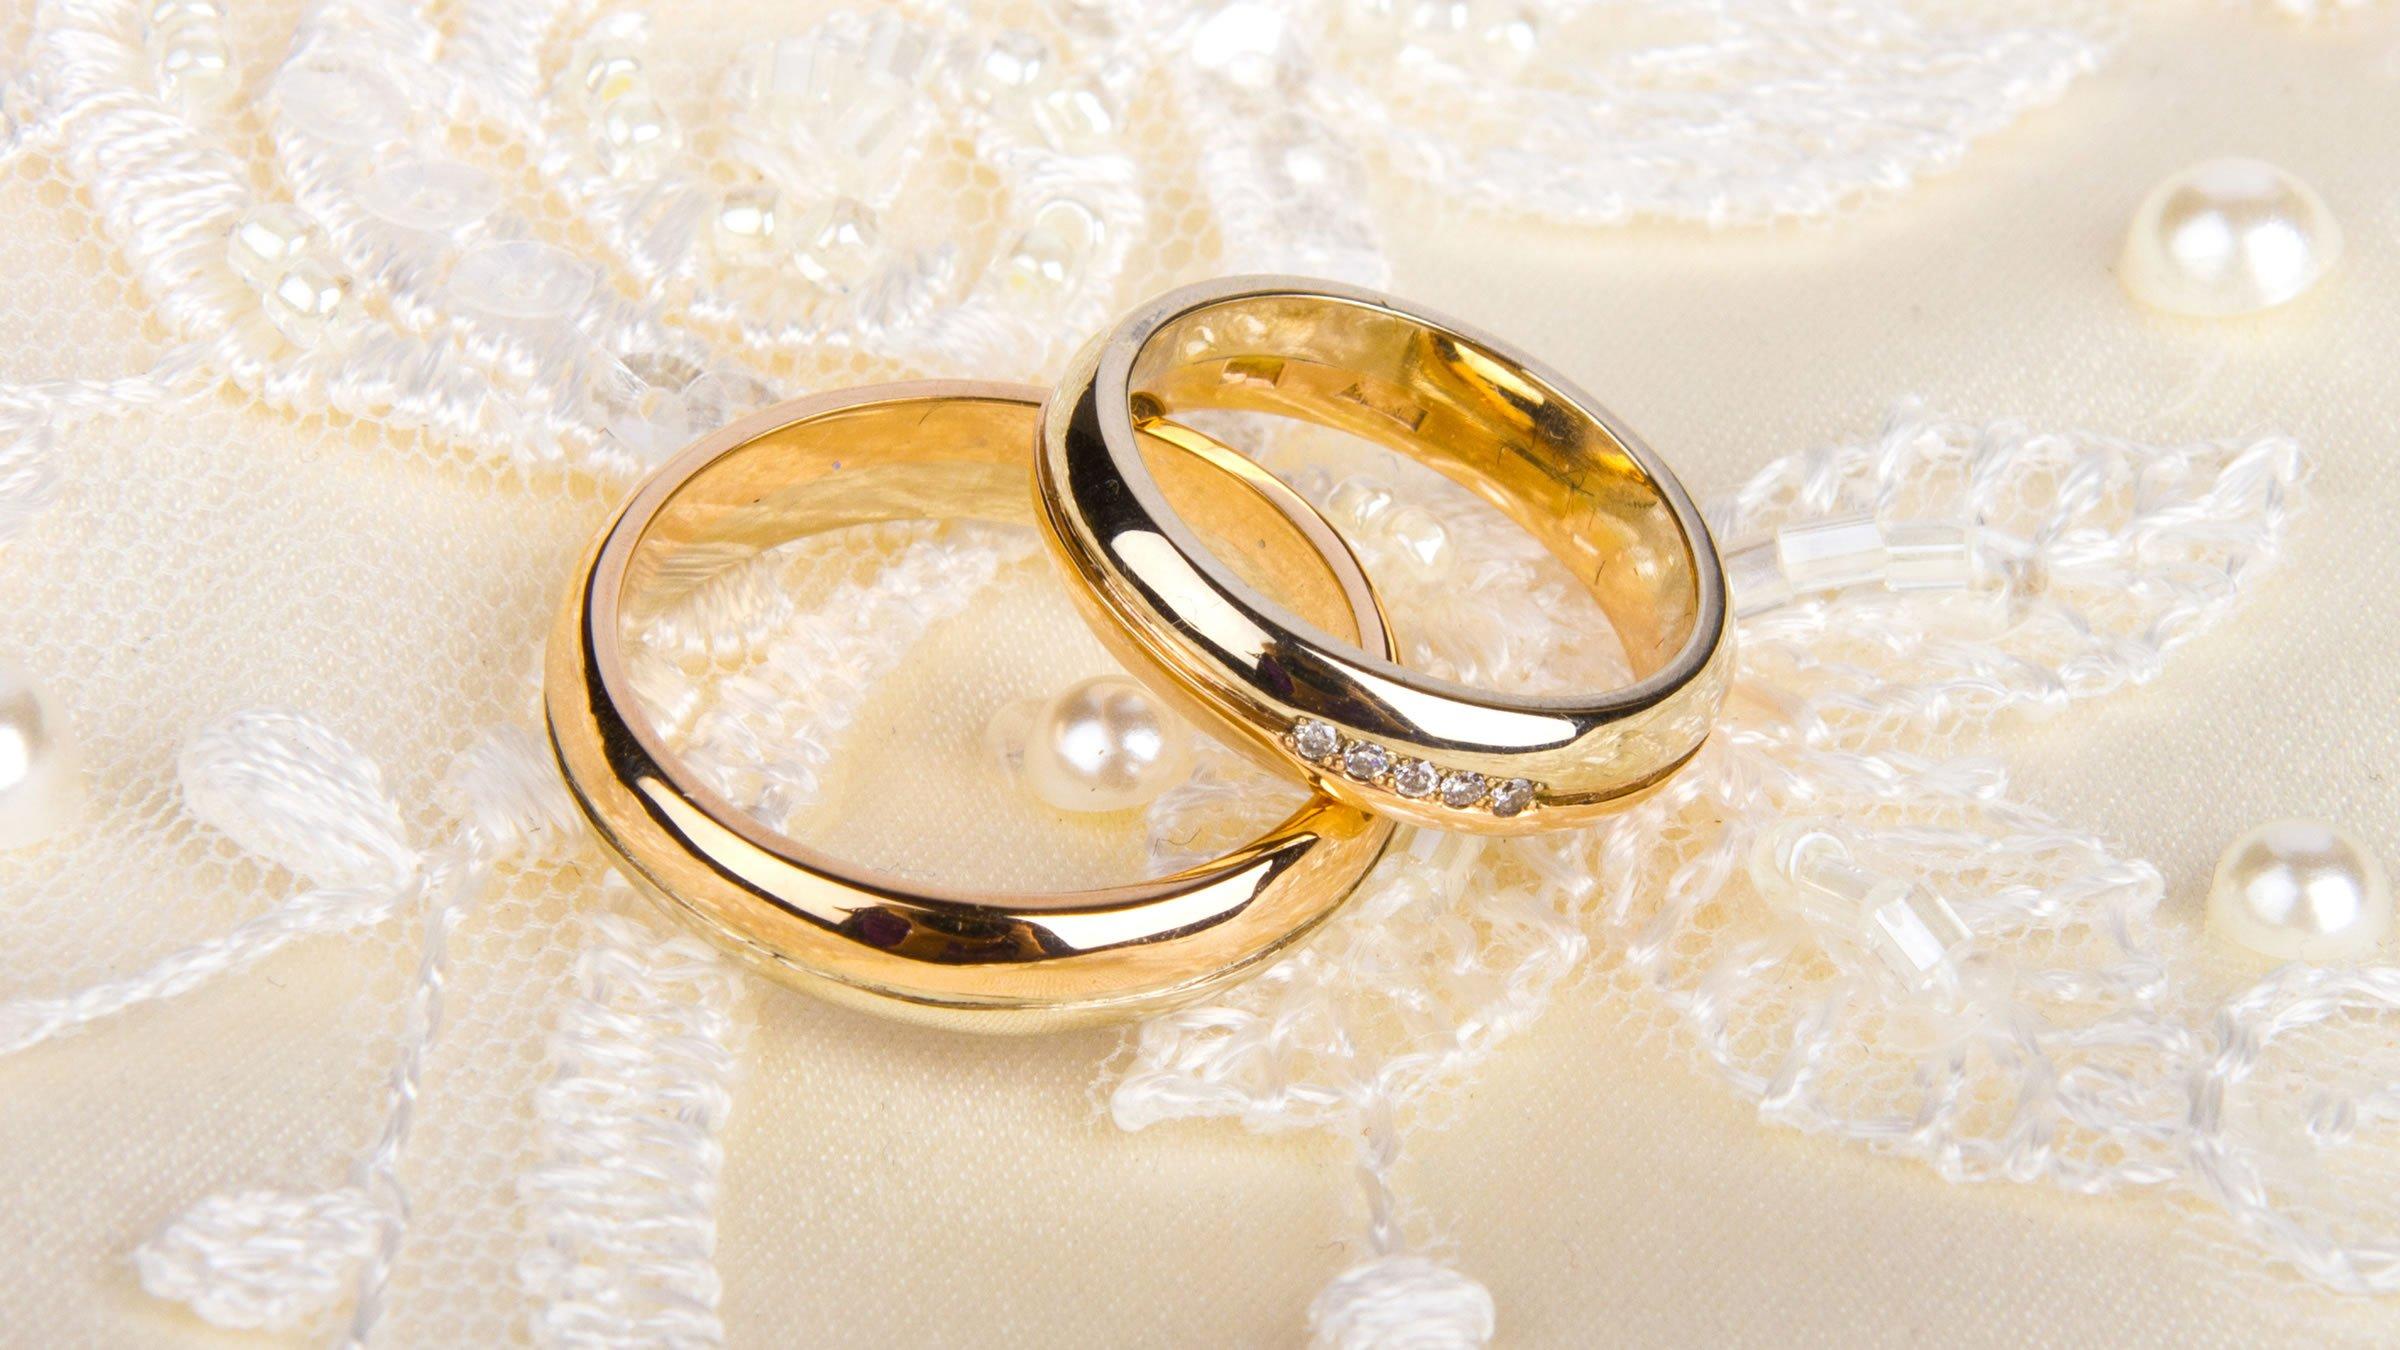 Requisitos Para Matrimonio Catolico : La importancia del matrimonio en italia